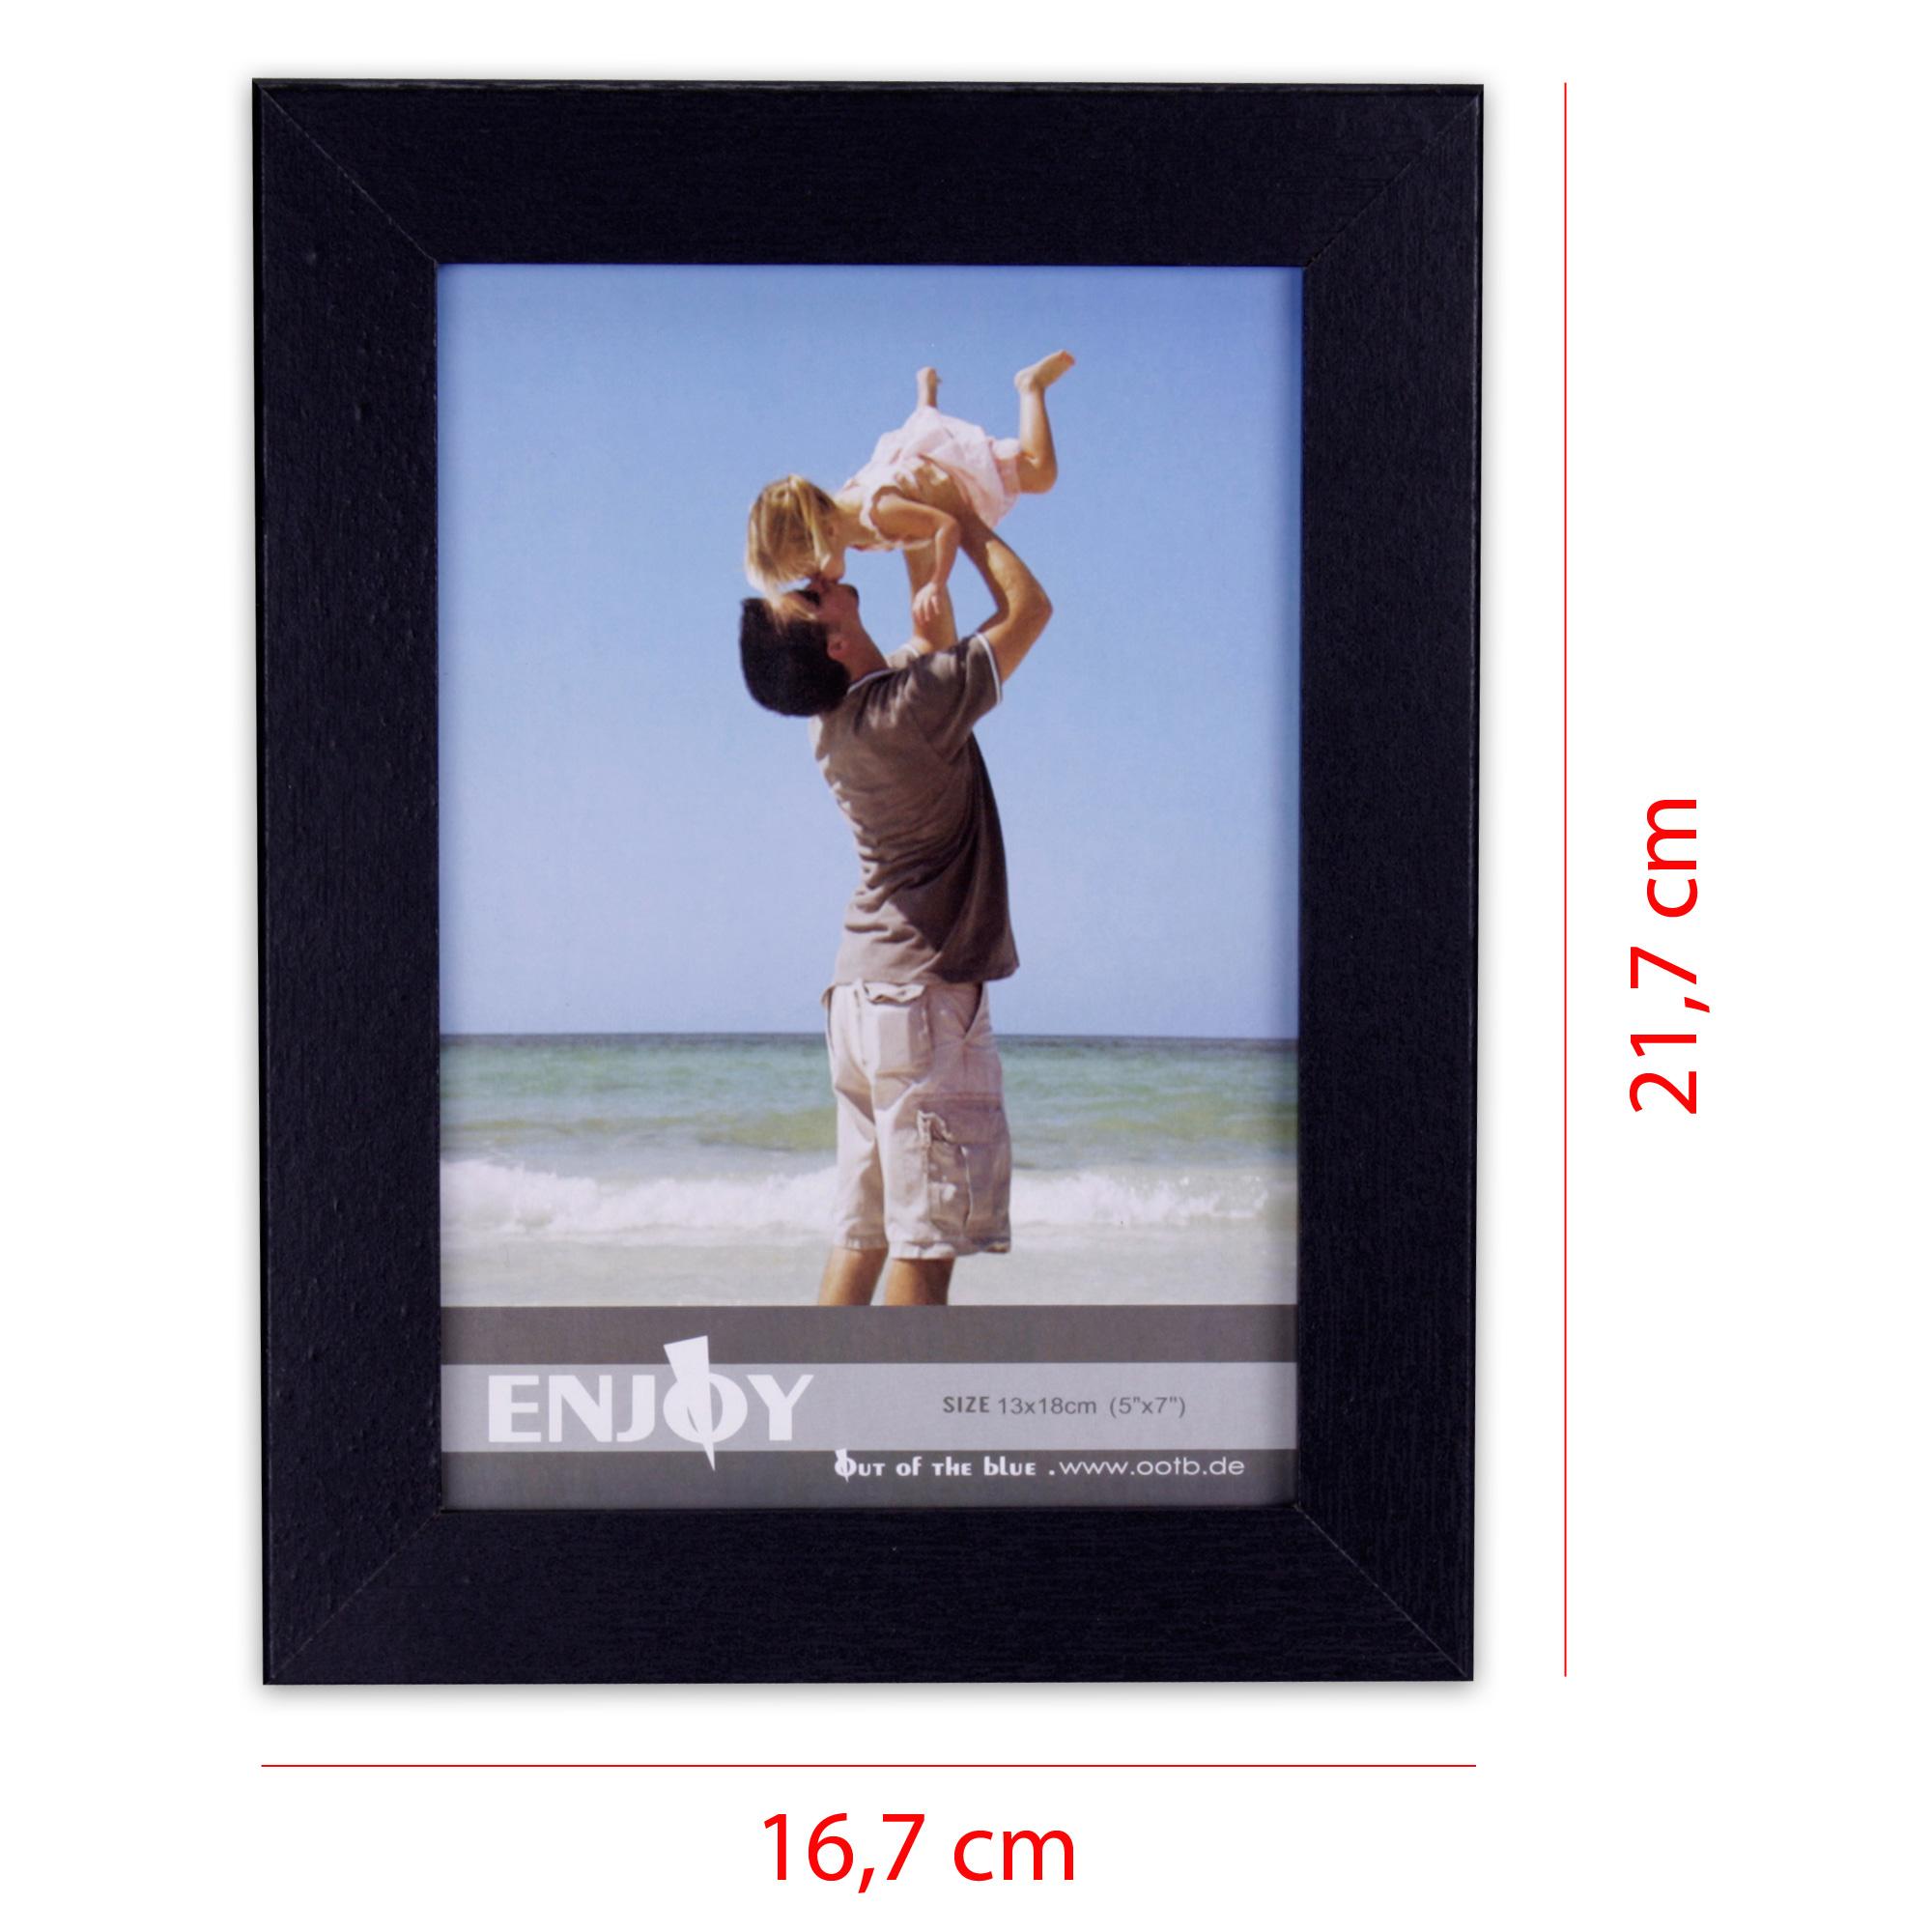 Bilderrahmen aus MDF 16,7 x 21,7 cm für 1 Foto 13 x 18 cm in schwarz ...